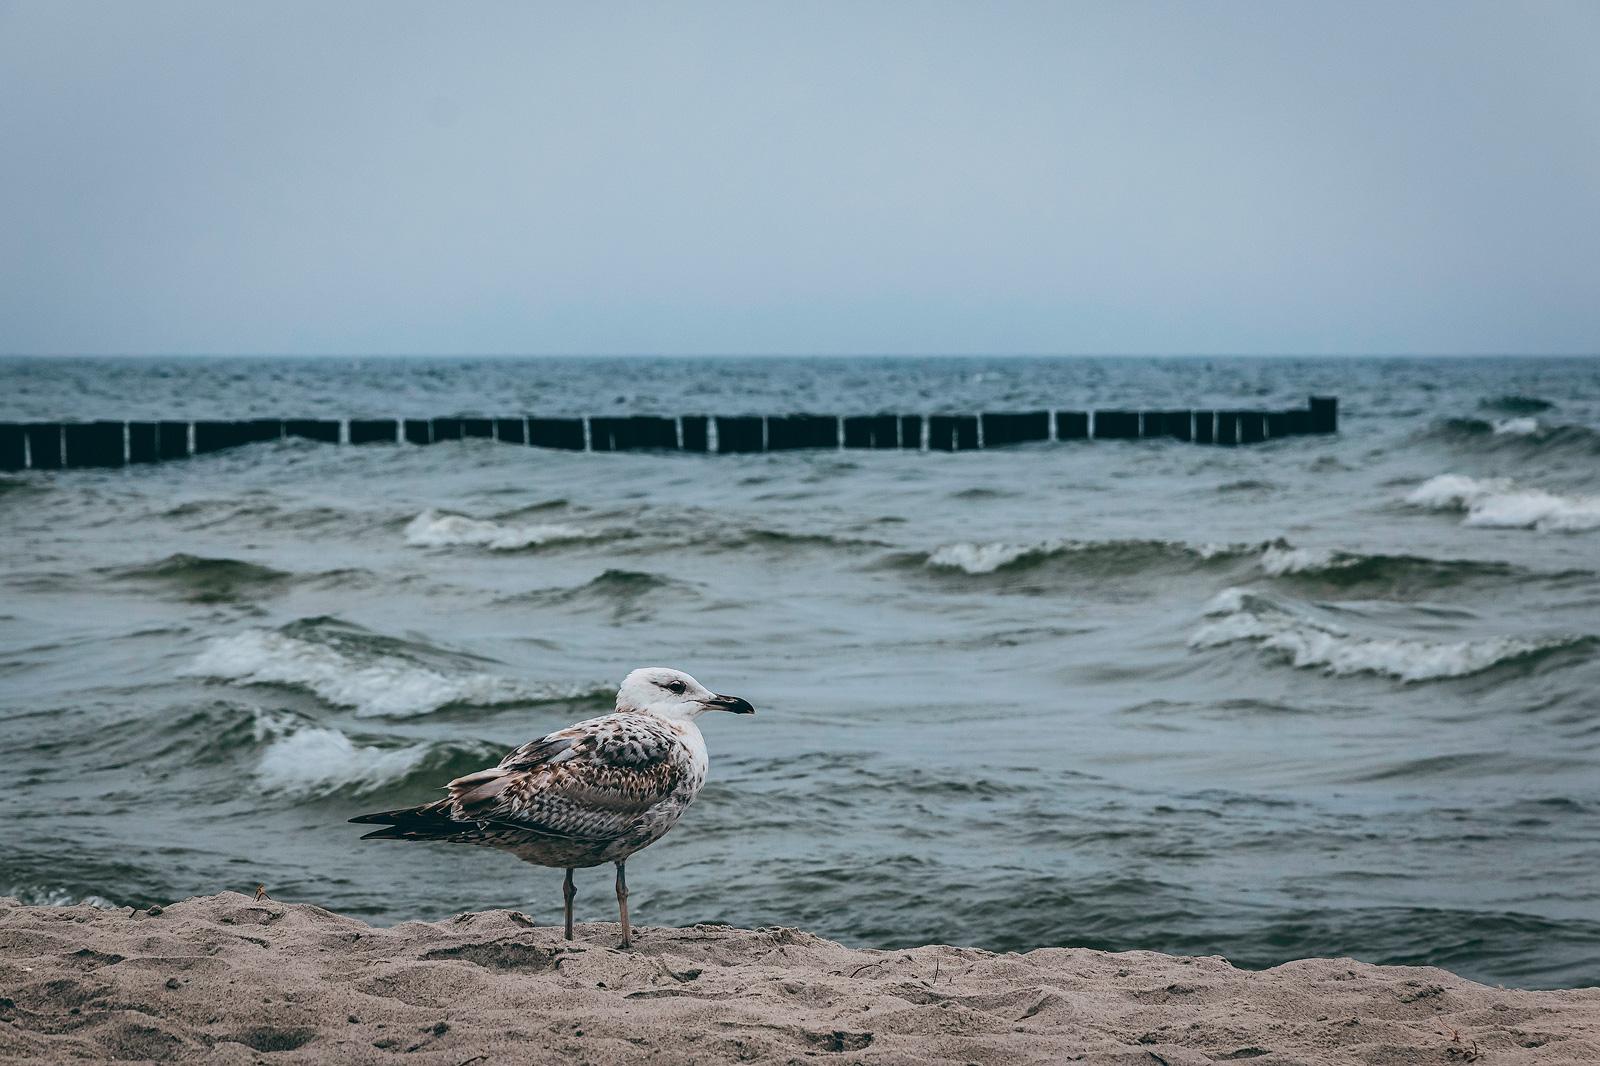 Eine Möwe am Strand von Zingst, Darß, Ostsee.